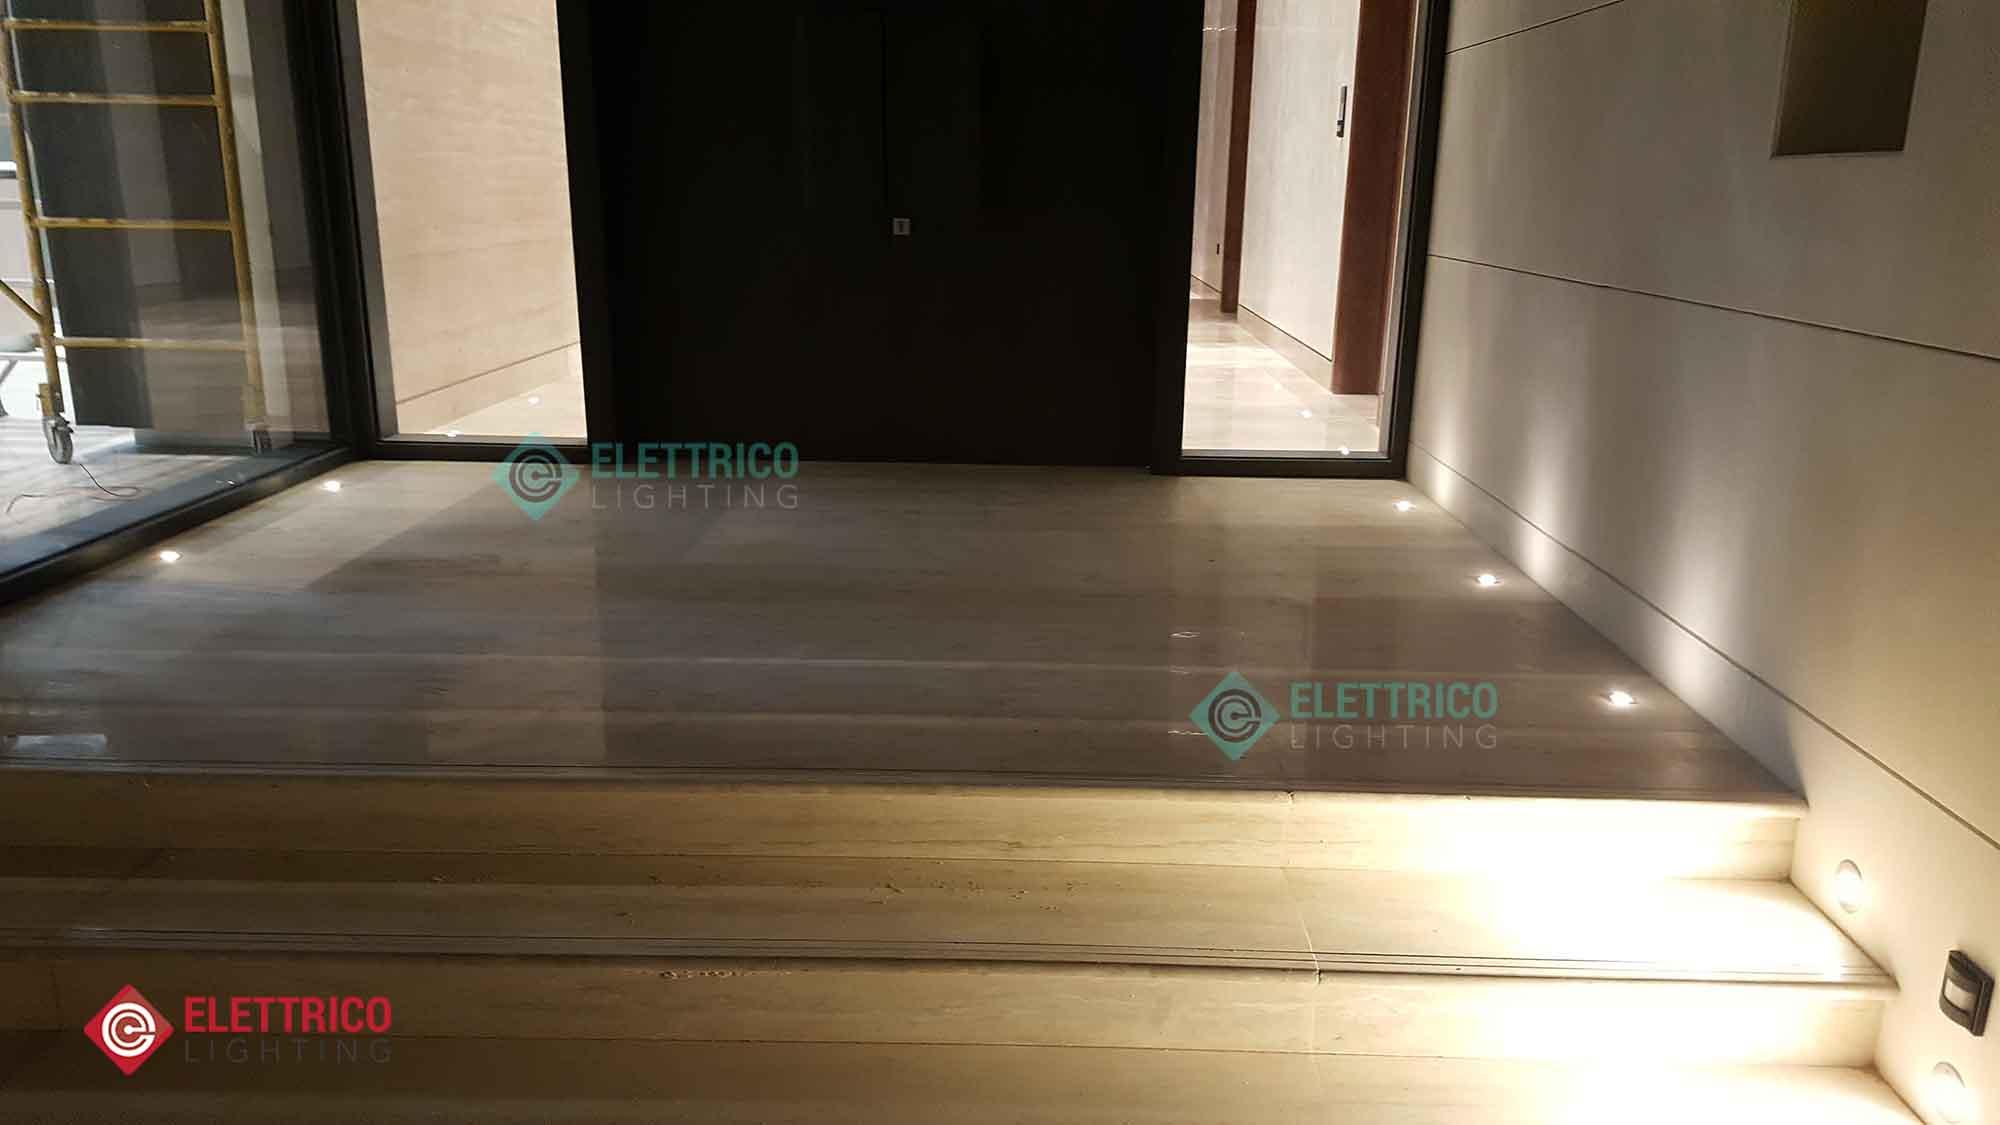 outdoor spotlights intalled in the floor